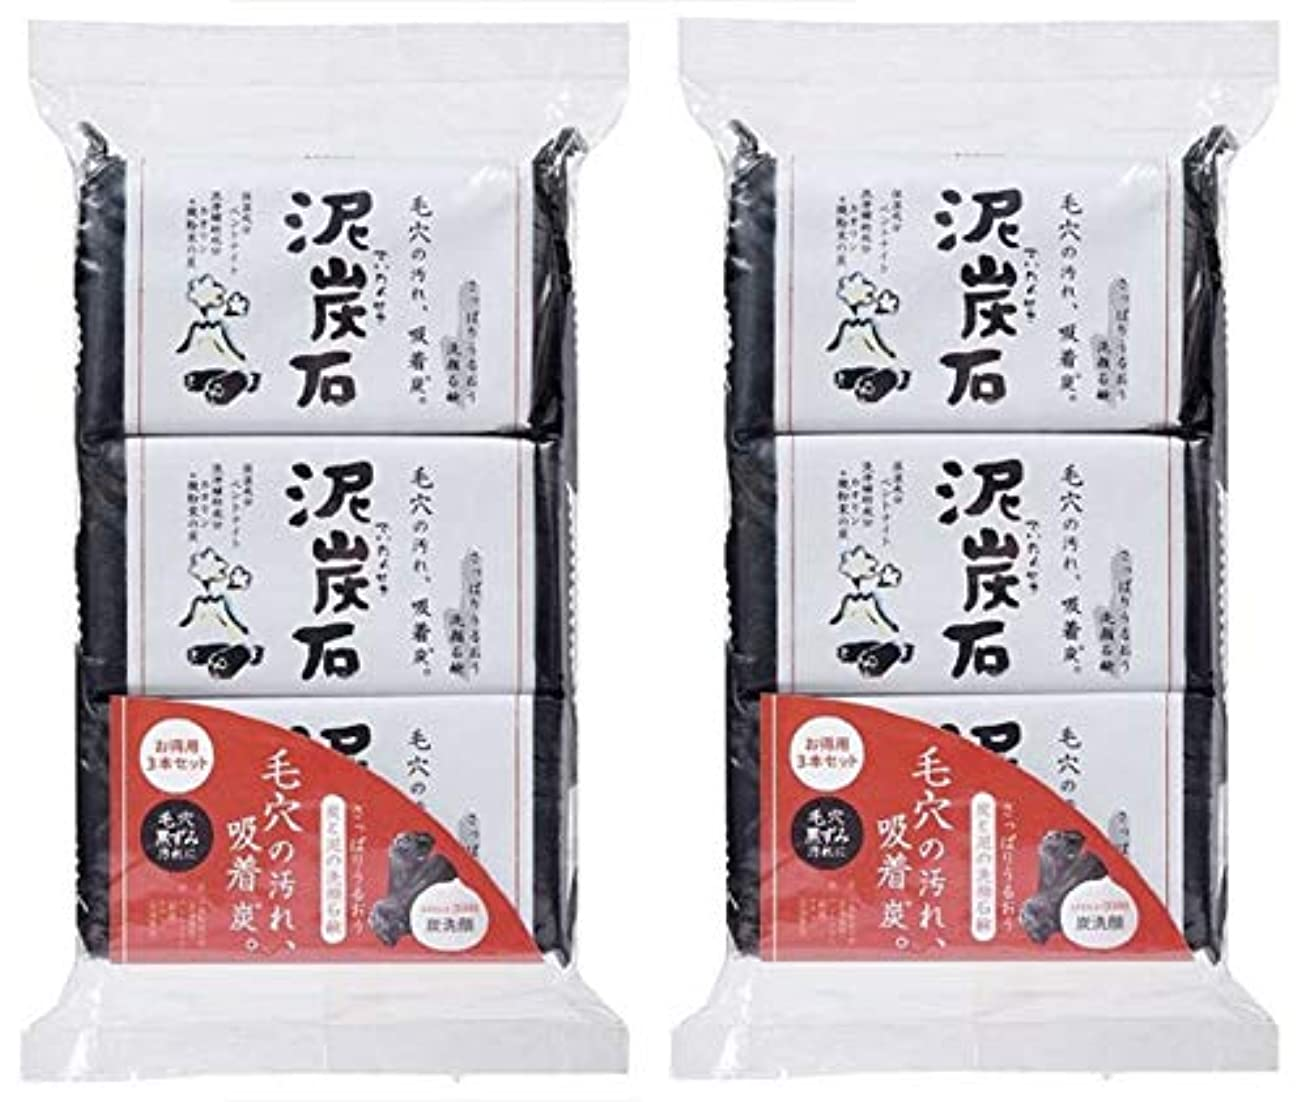 日記見捨てられた愛撫(まとめ買い)ペリカン石鹸 泥炭石 110g×3個 ×2セット